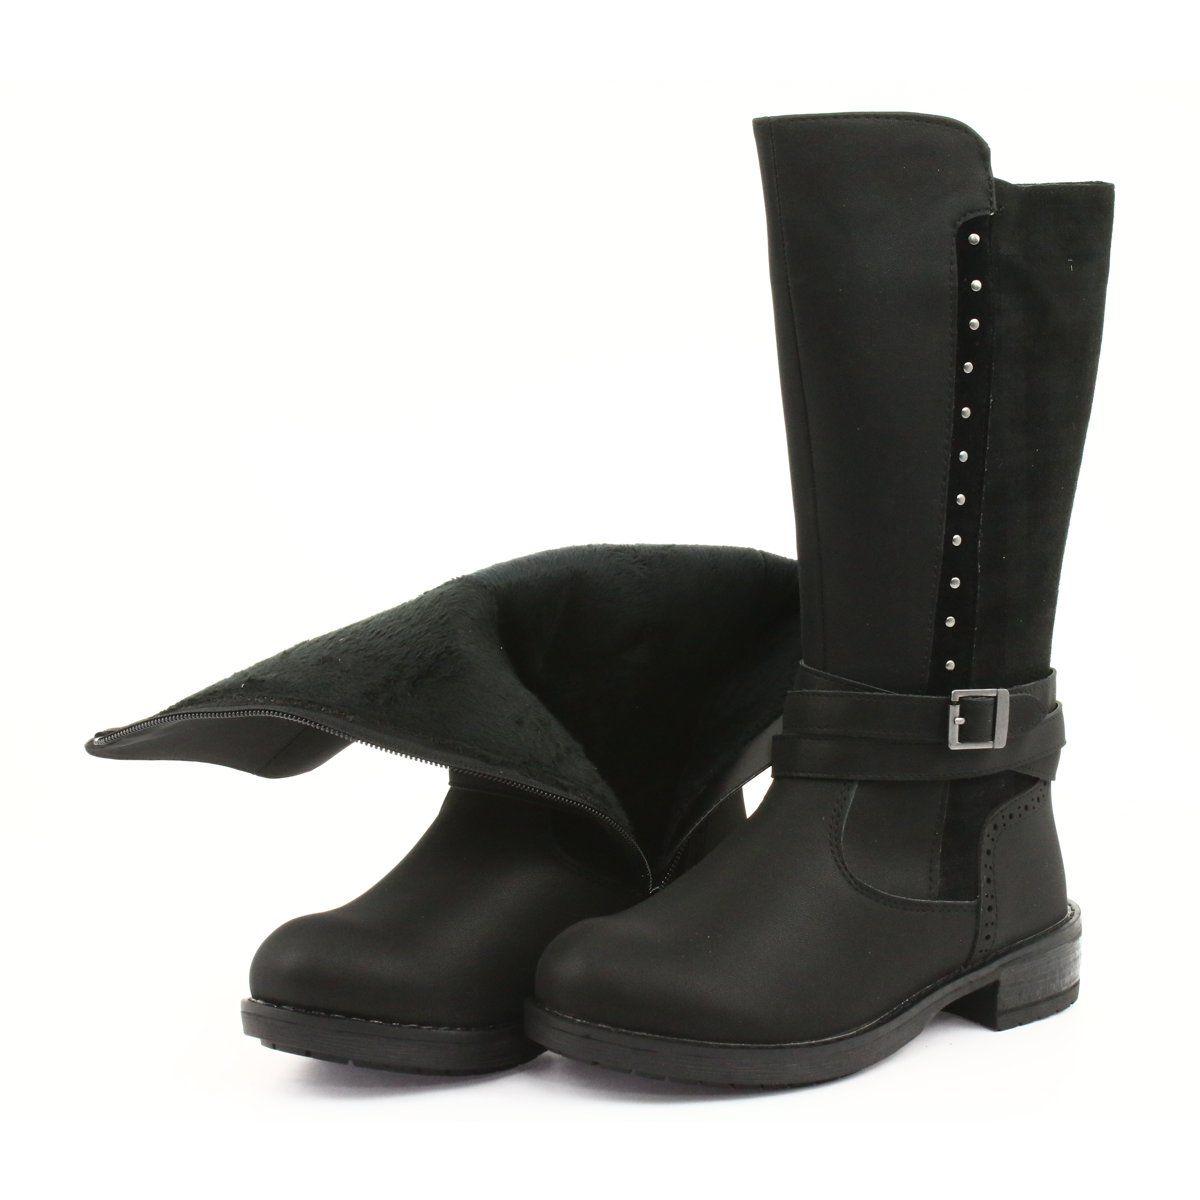 Dlugie Kozaczki Z Dzetami American Club Gc31 Czarne Szare Boots Childrens Boots Long Boots